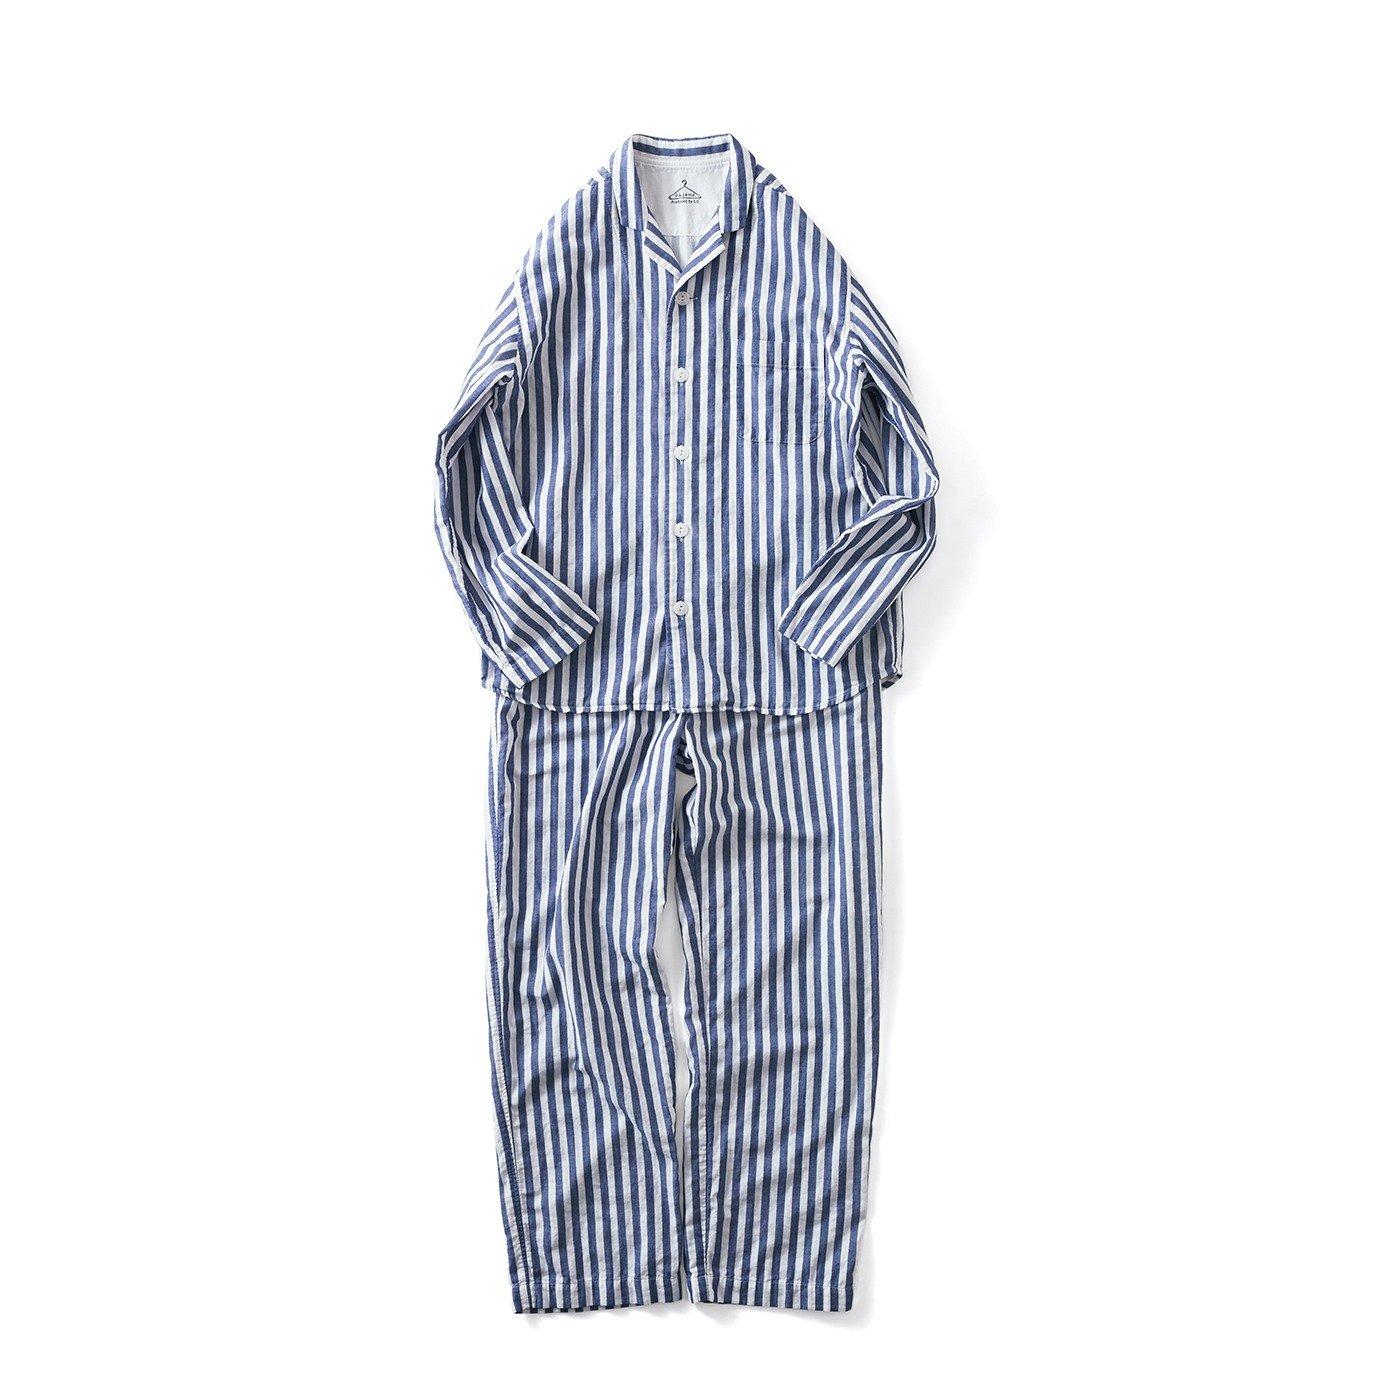 サニークラウズ しましまのパジャマ〈メンズ〉